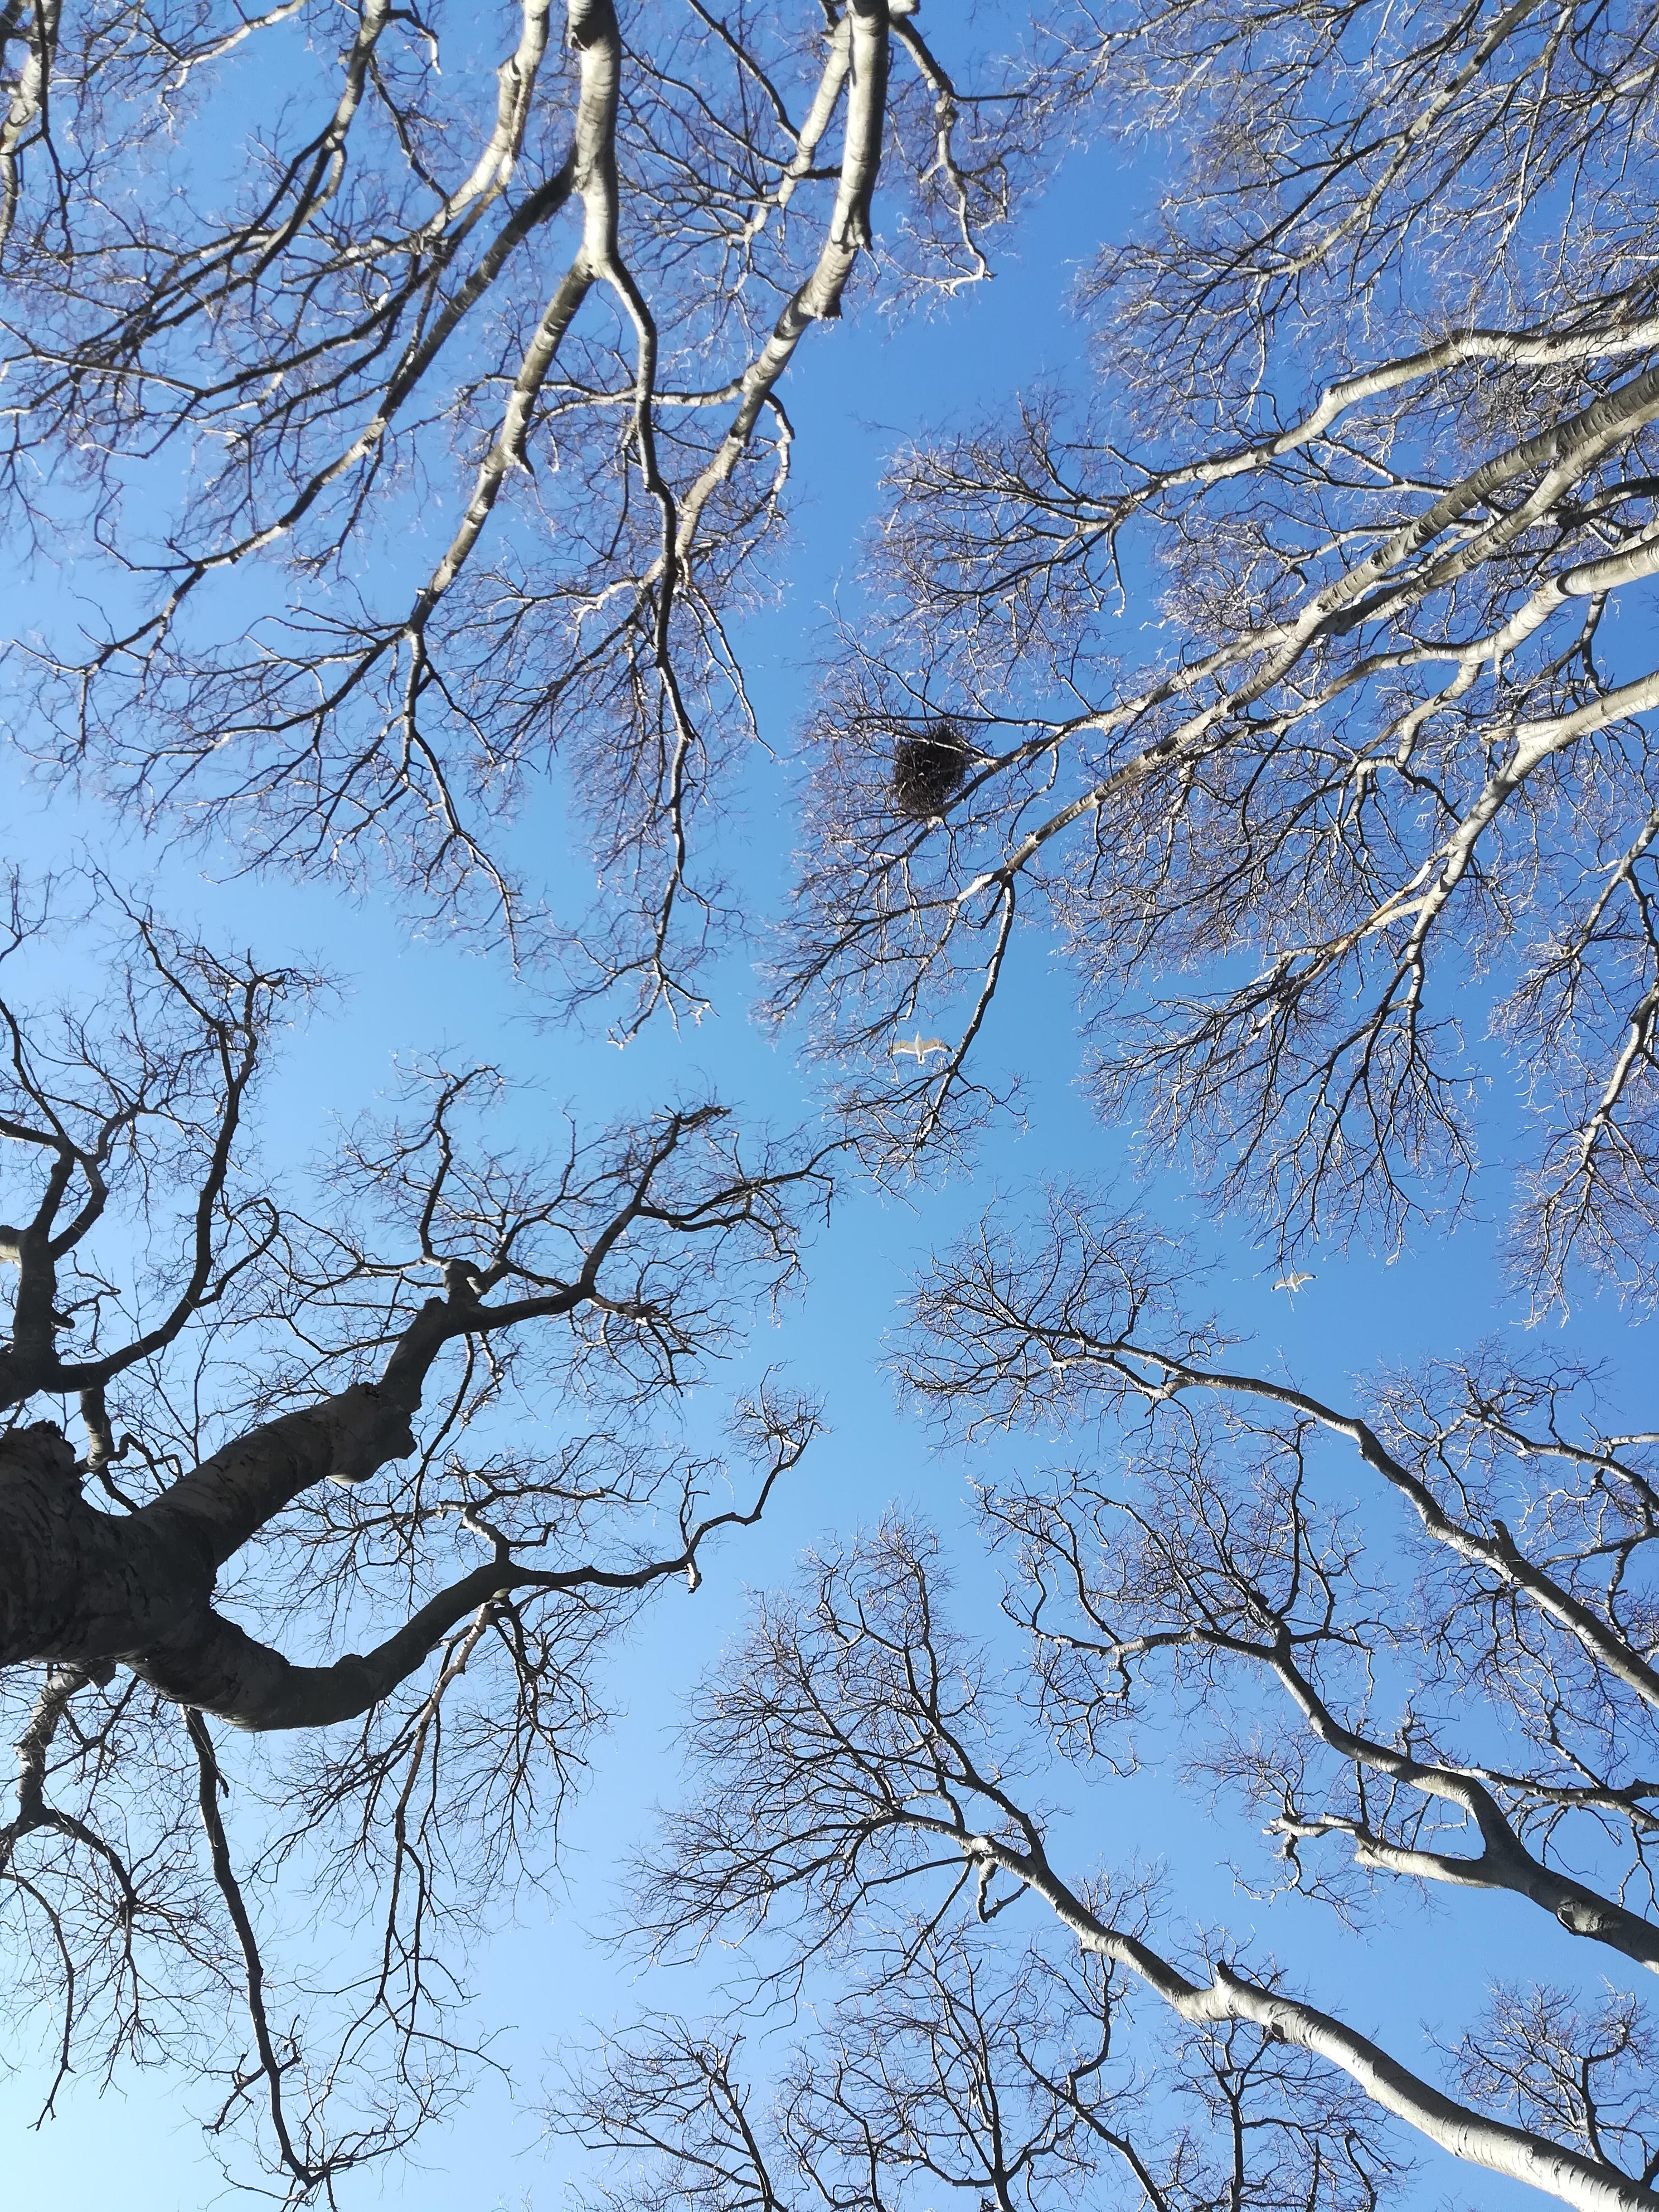 Изолация by Yana - Ourboox.com